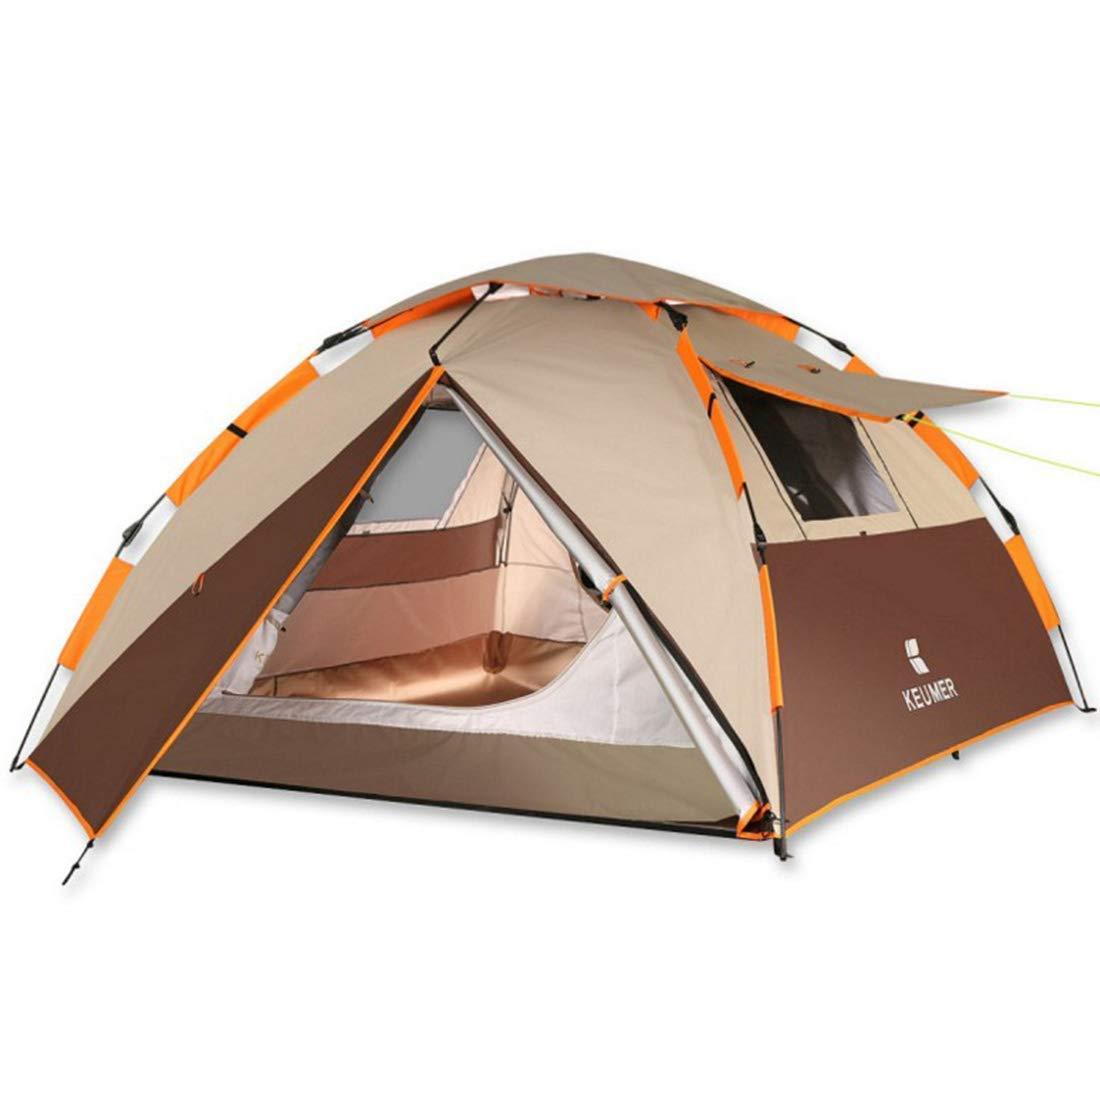 人気ブランド テント、3-4人の屋外の雨キャンプのテント (色、3色で利用できる (色 Brown) : : Brown) Brown B07P4M1635, ricasa:e82d444d --- ciadaterra.com